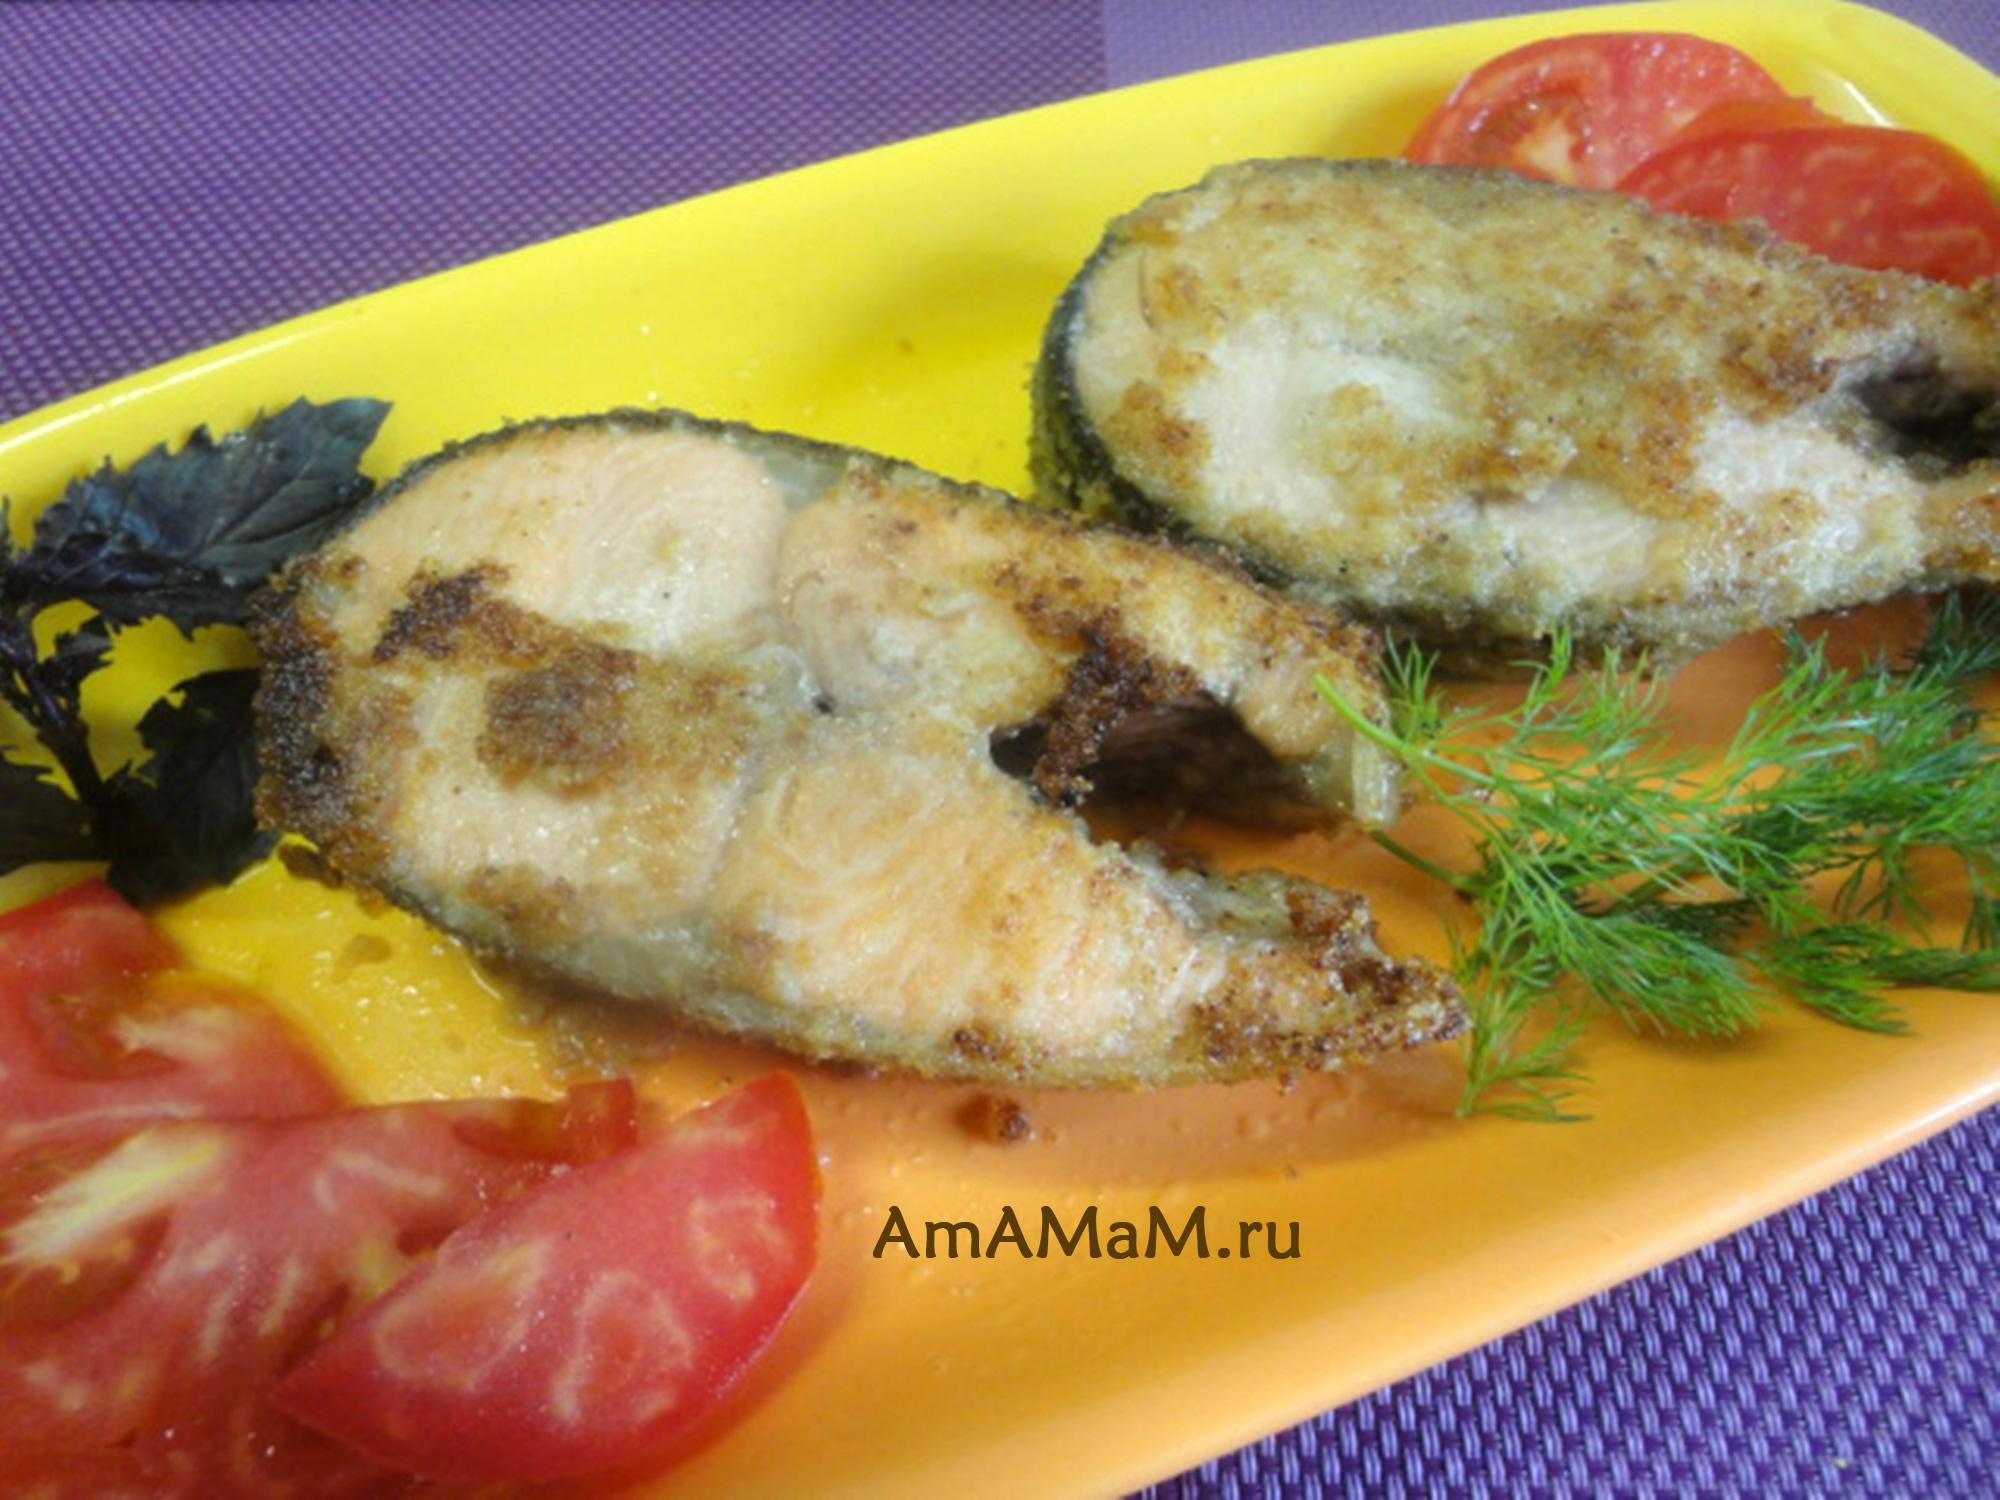 Рыбная запеканка с картошкой рецепт с фото пошагово